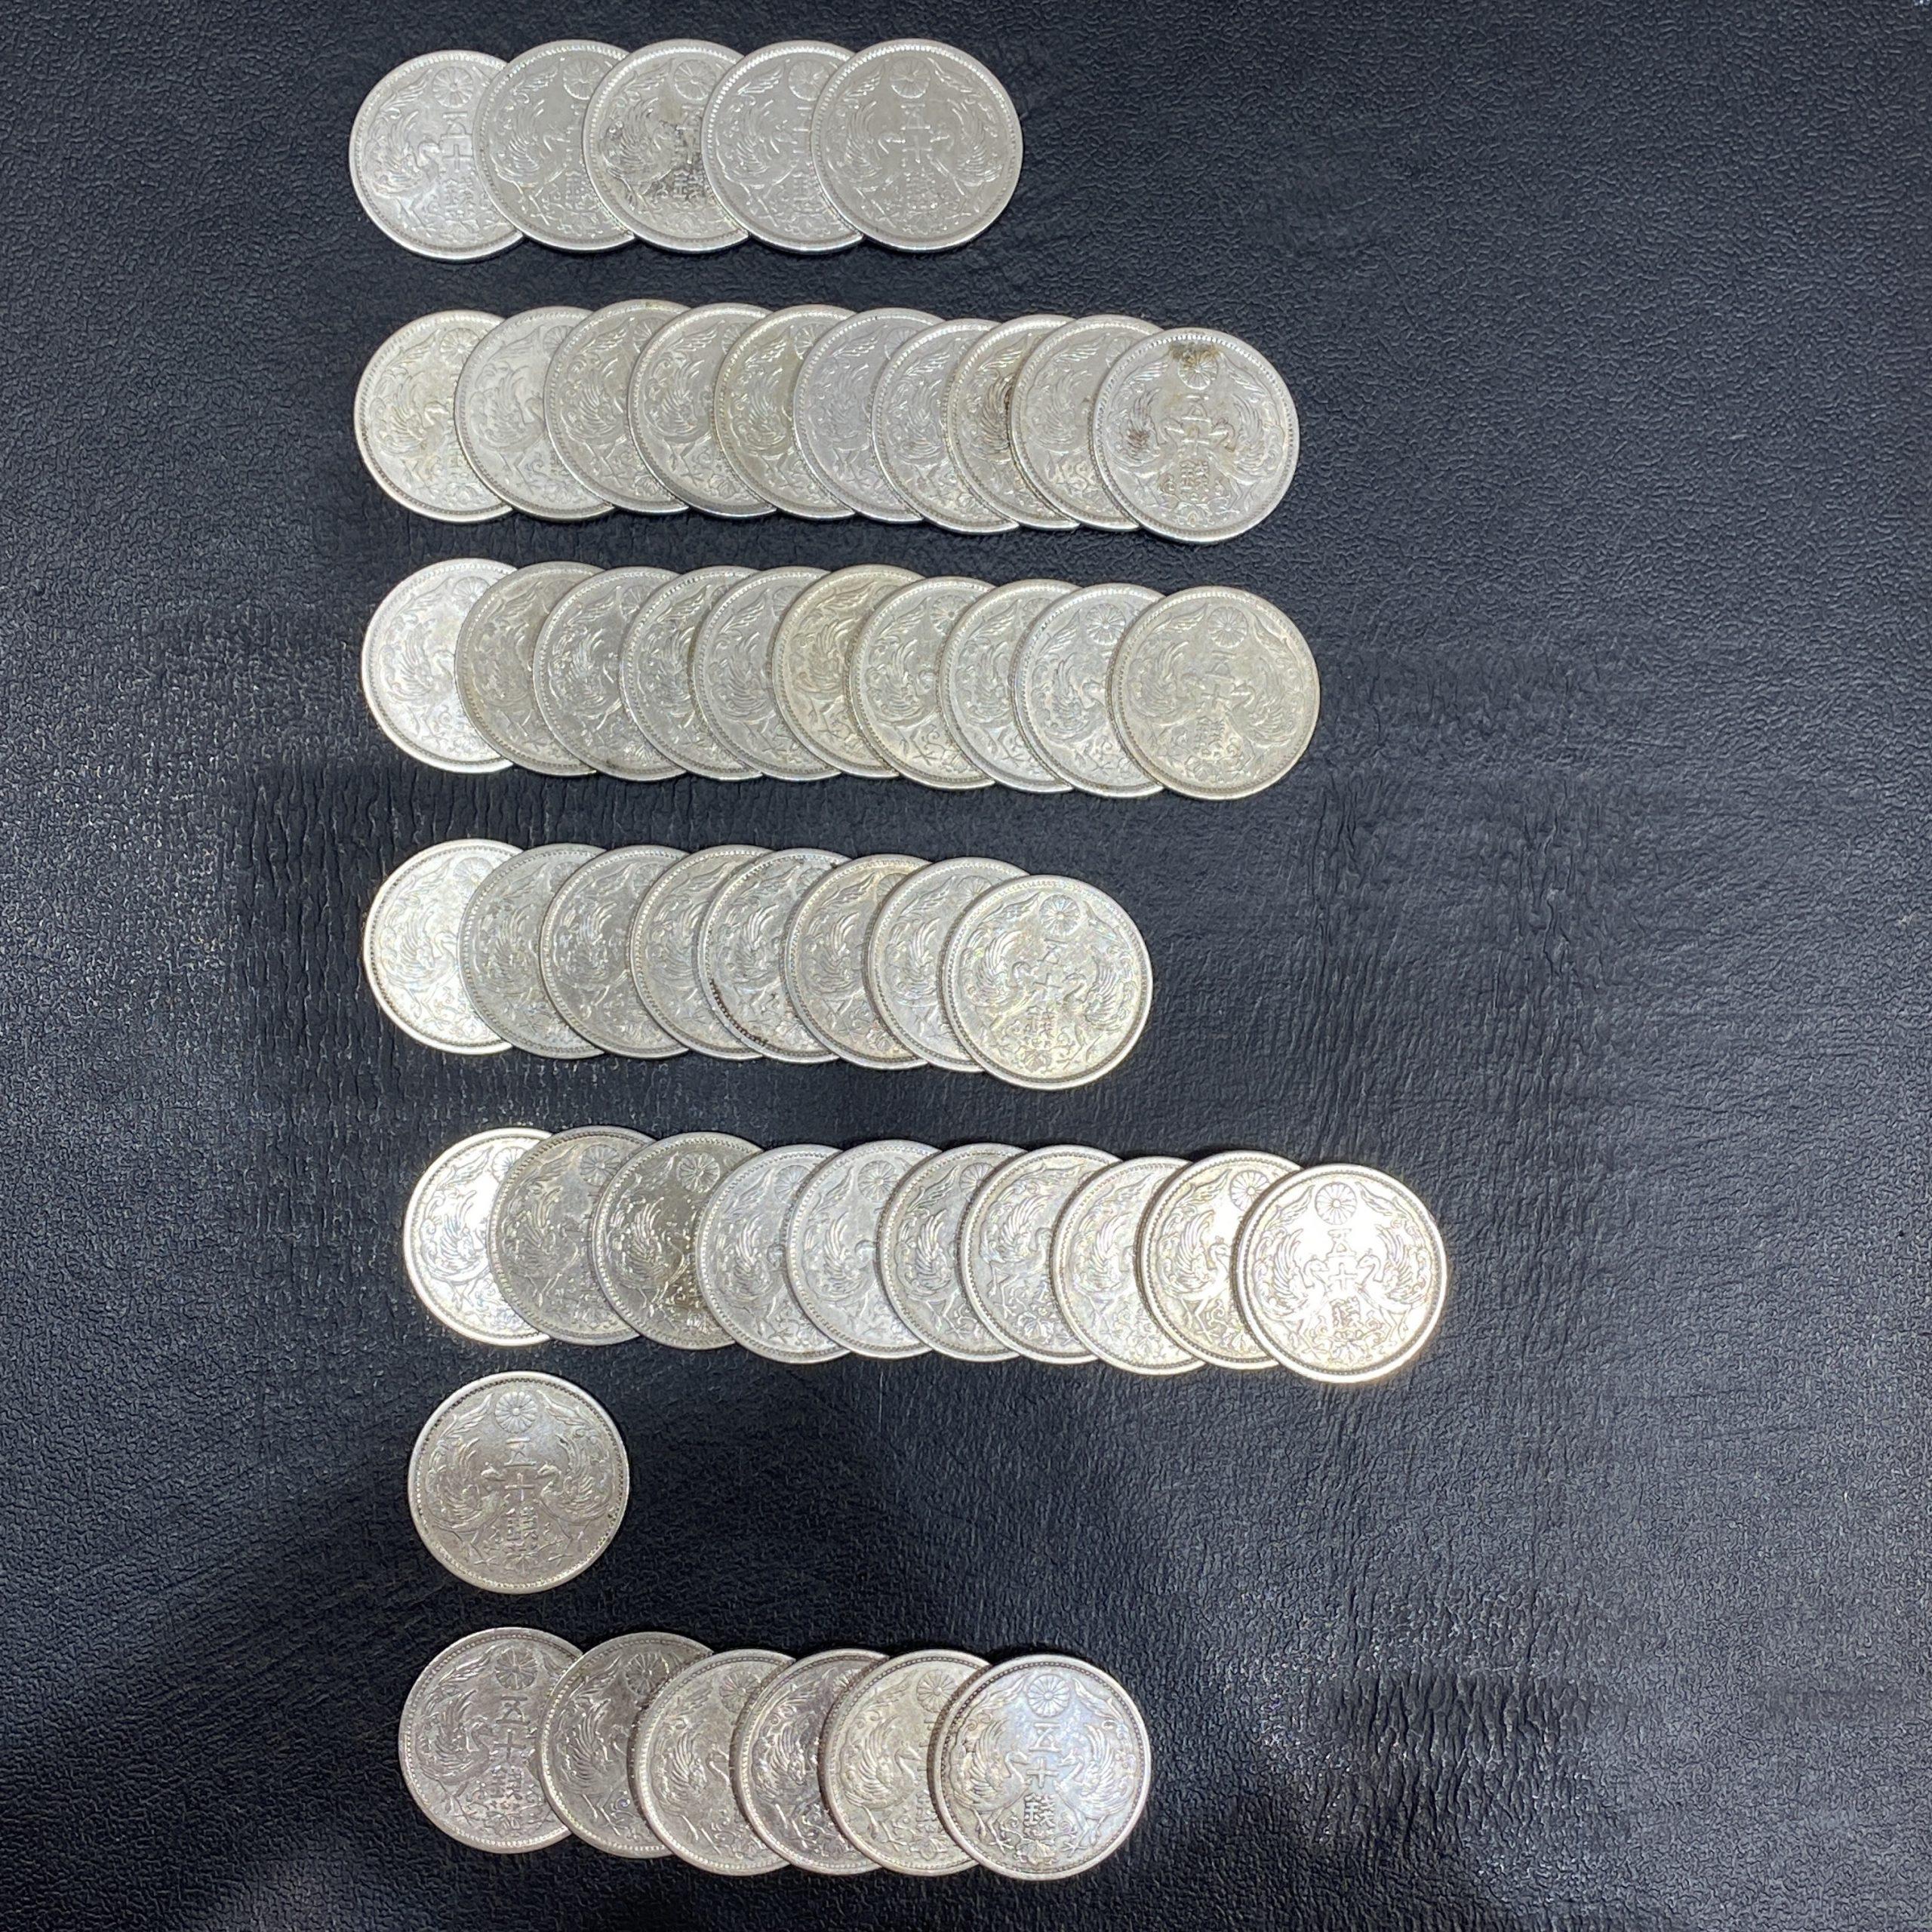 【日本古銭/日本銀貨】小型50銭銀貨